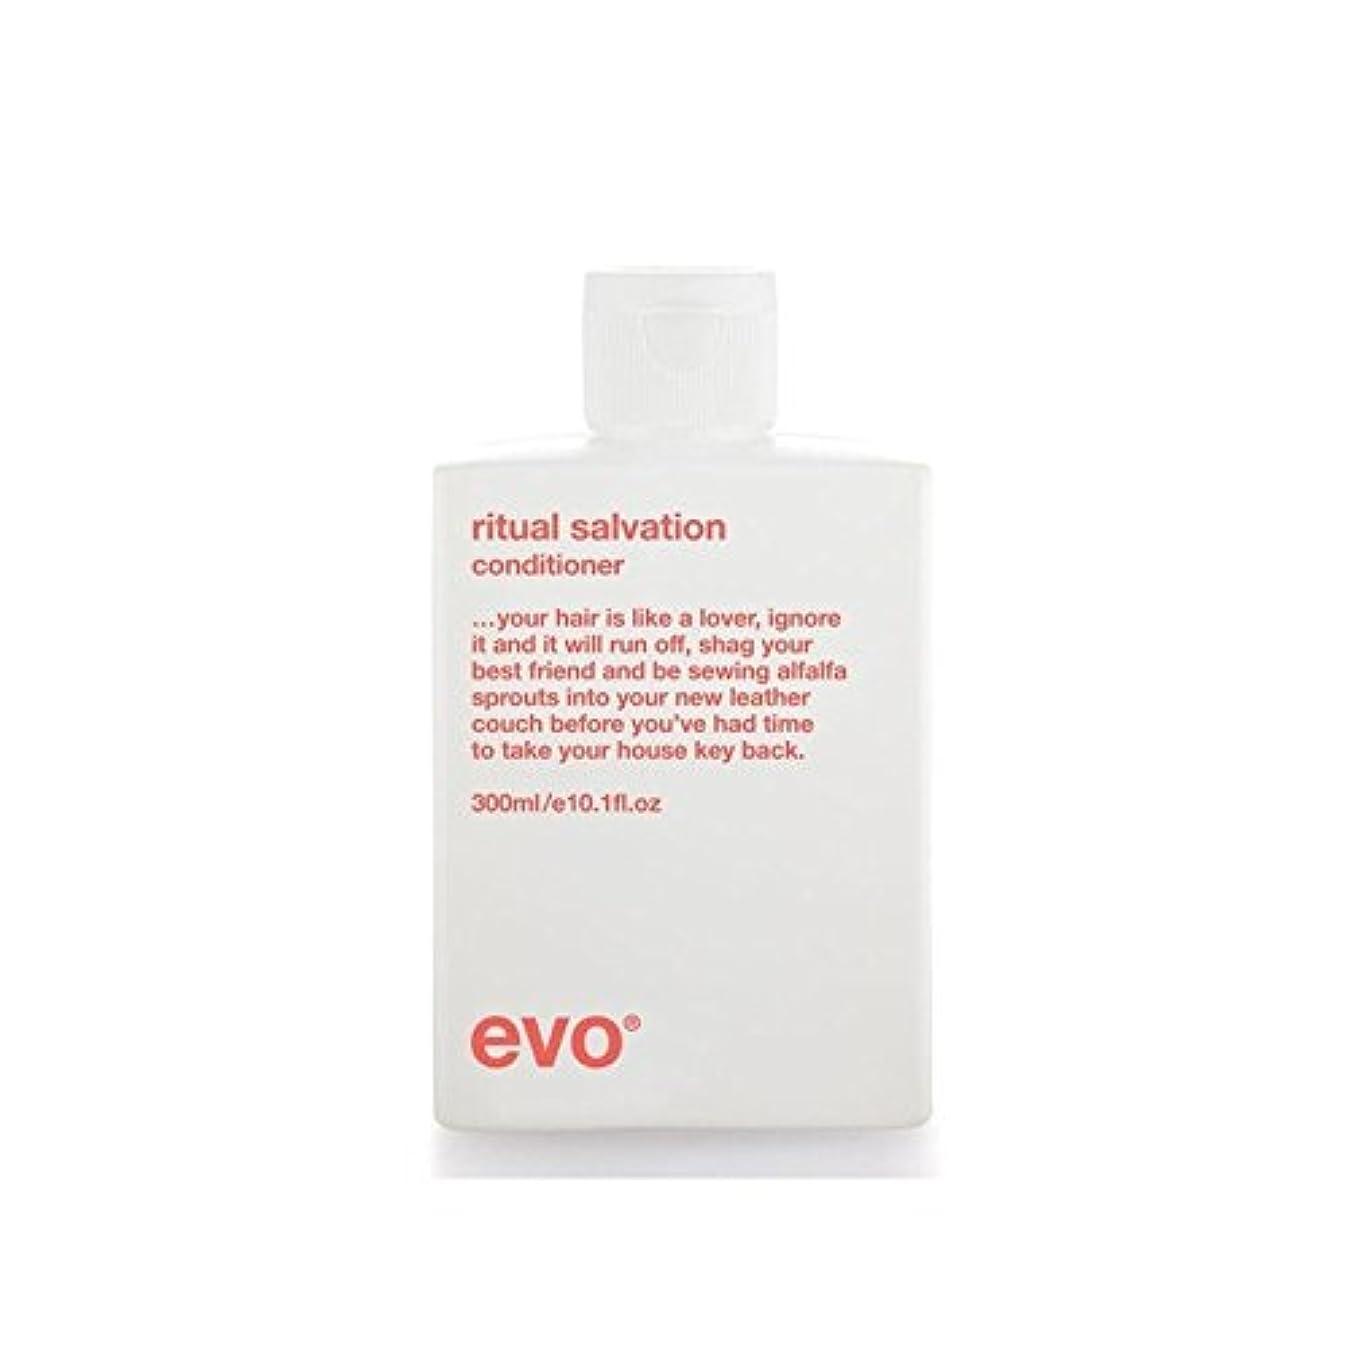 各再び柔和儀式救いコンディショナー(300ミリリットル) x4 - Evo Ritual Salvation Conditioner (300ml) (Pack of 4) [並行輸入品]